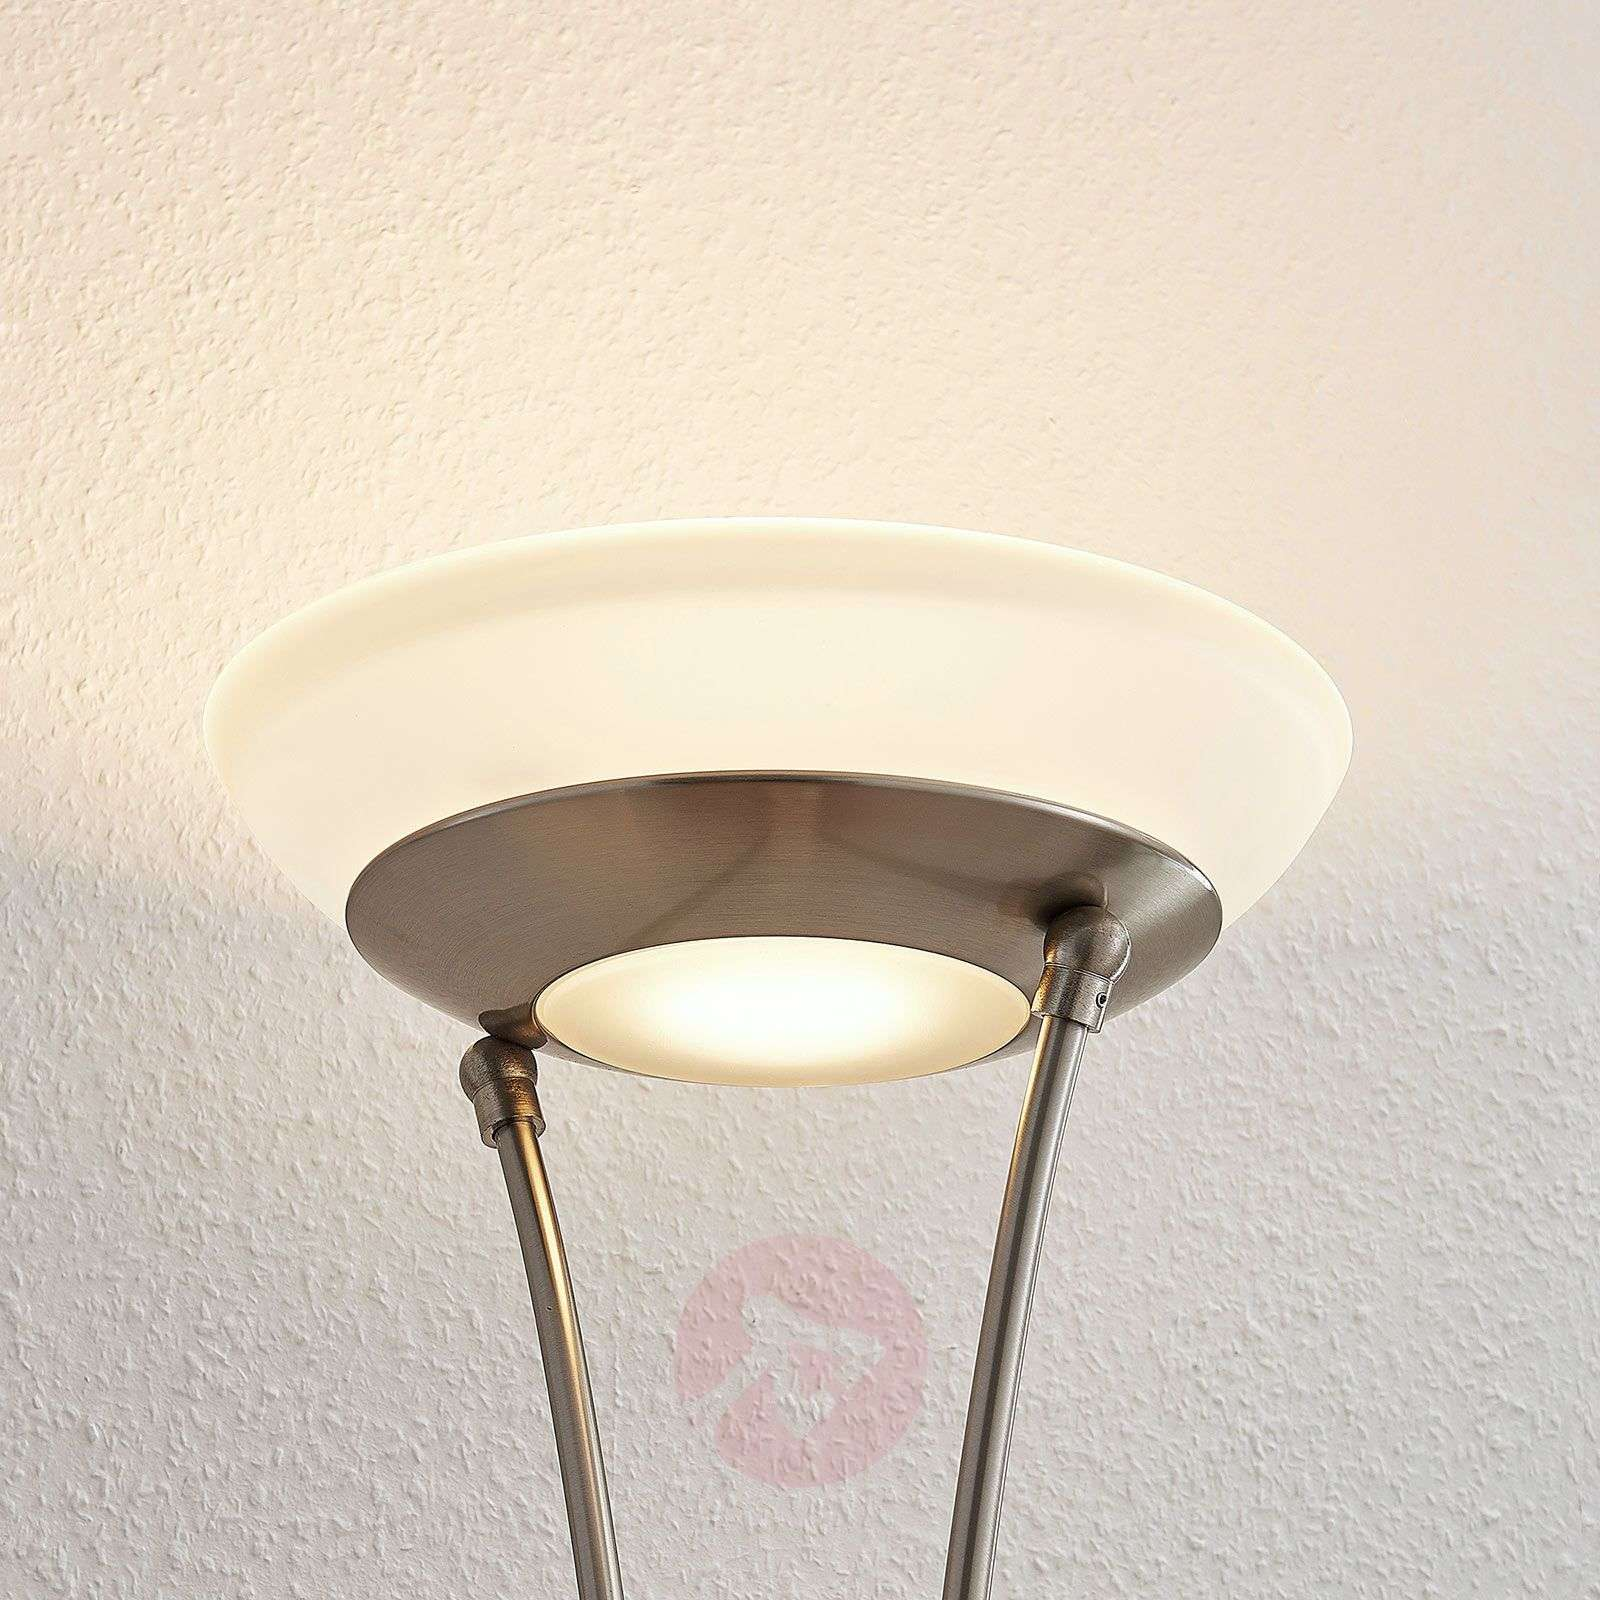 LED-ylösvalo Amadou, lukulamppu, nikkeli-9945370-01